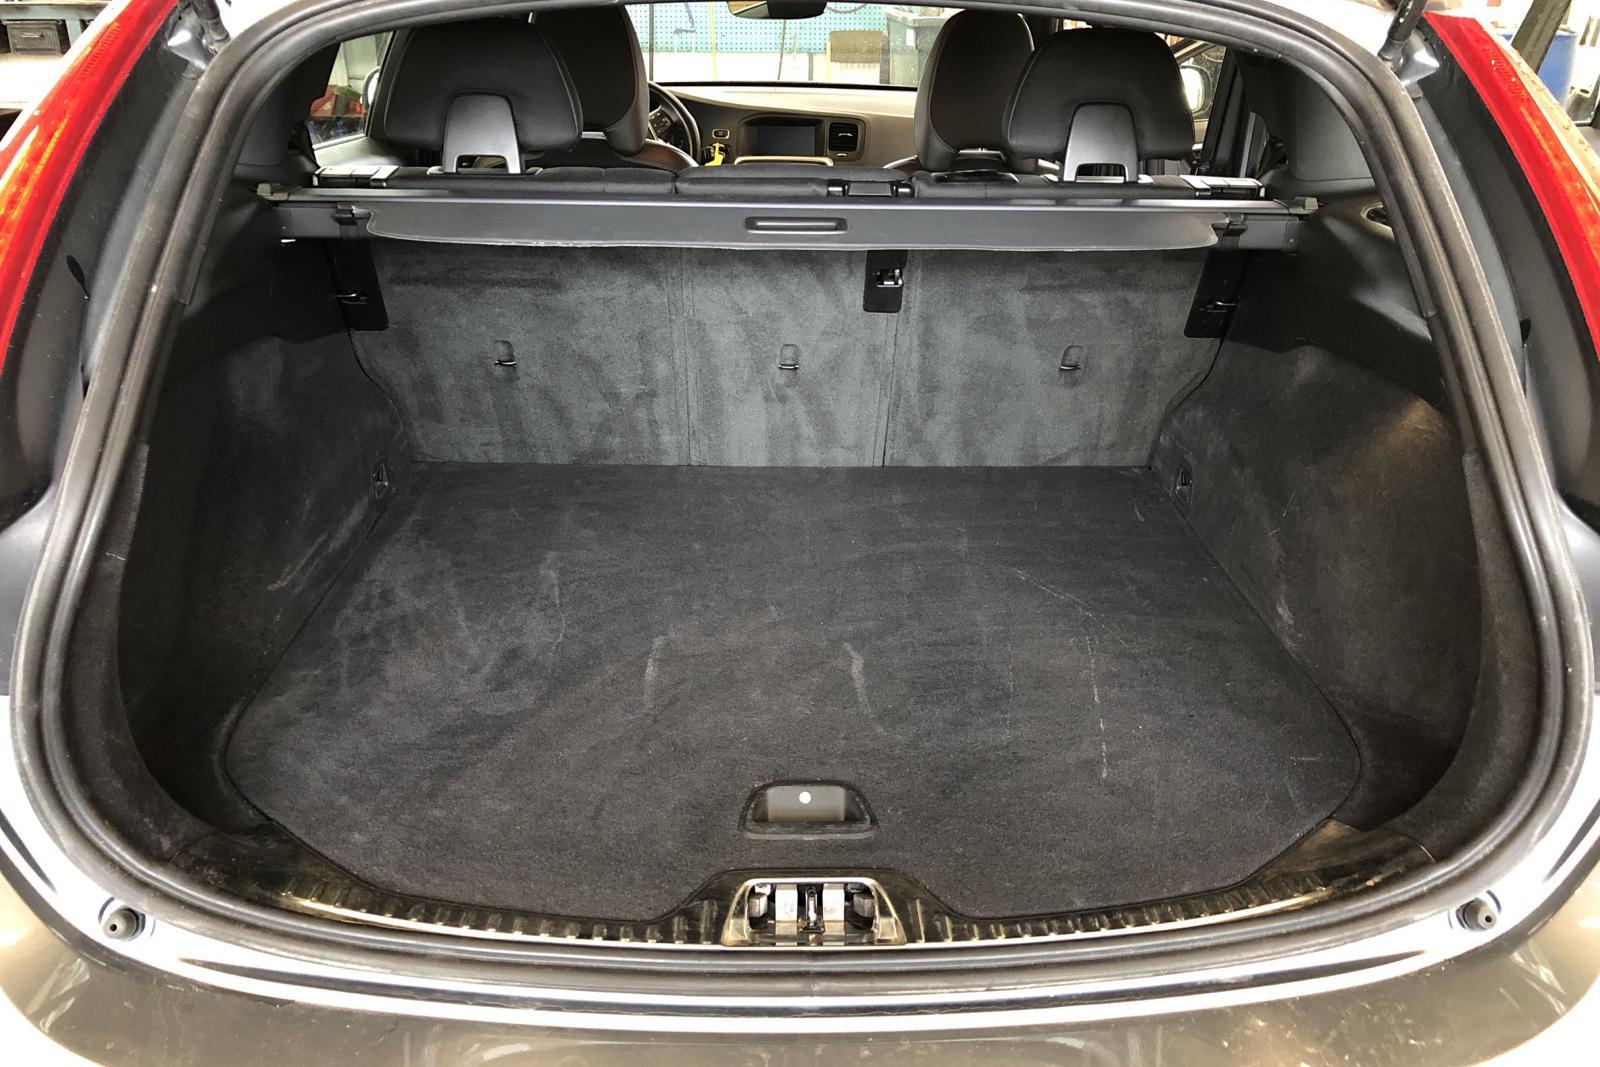 Volvo V60 D3 (150hk) - 73 970 km - Manual - gray - 2018